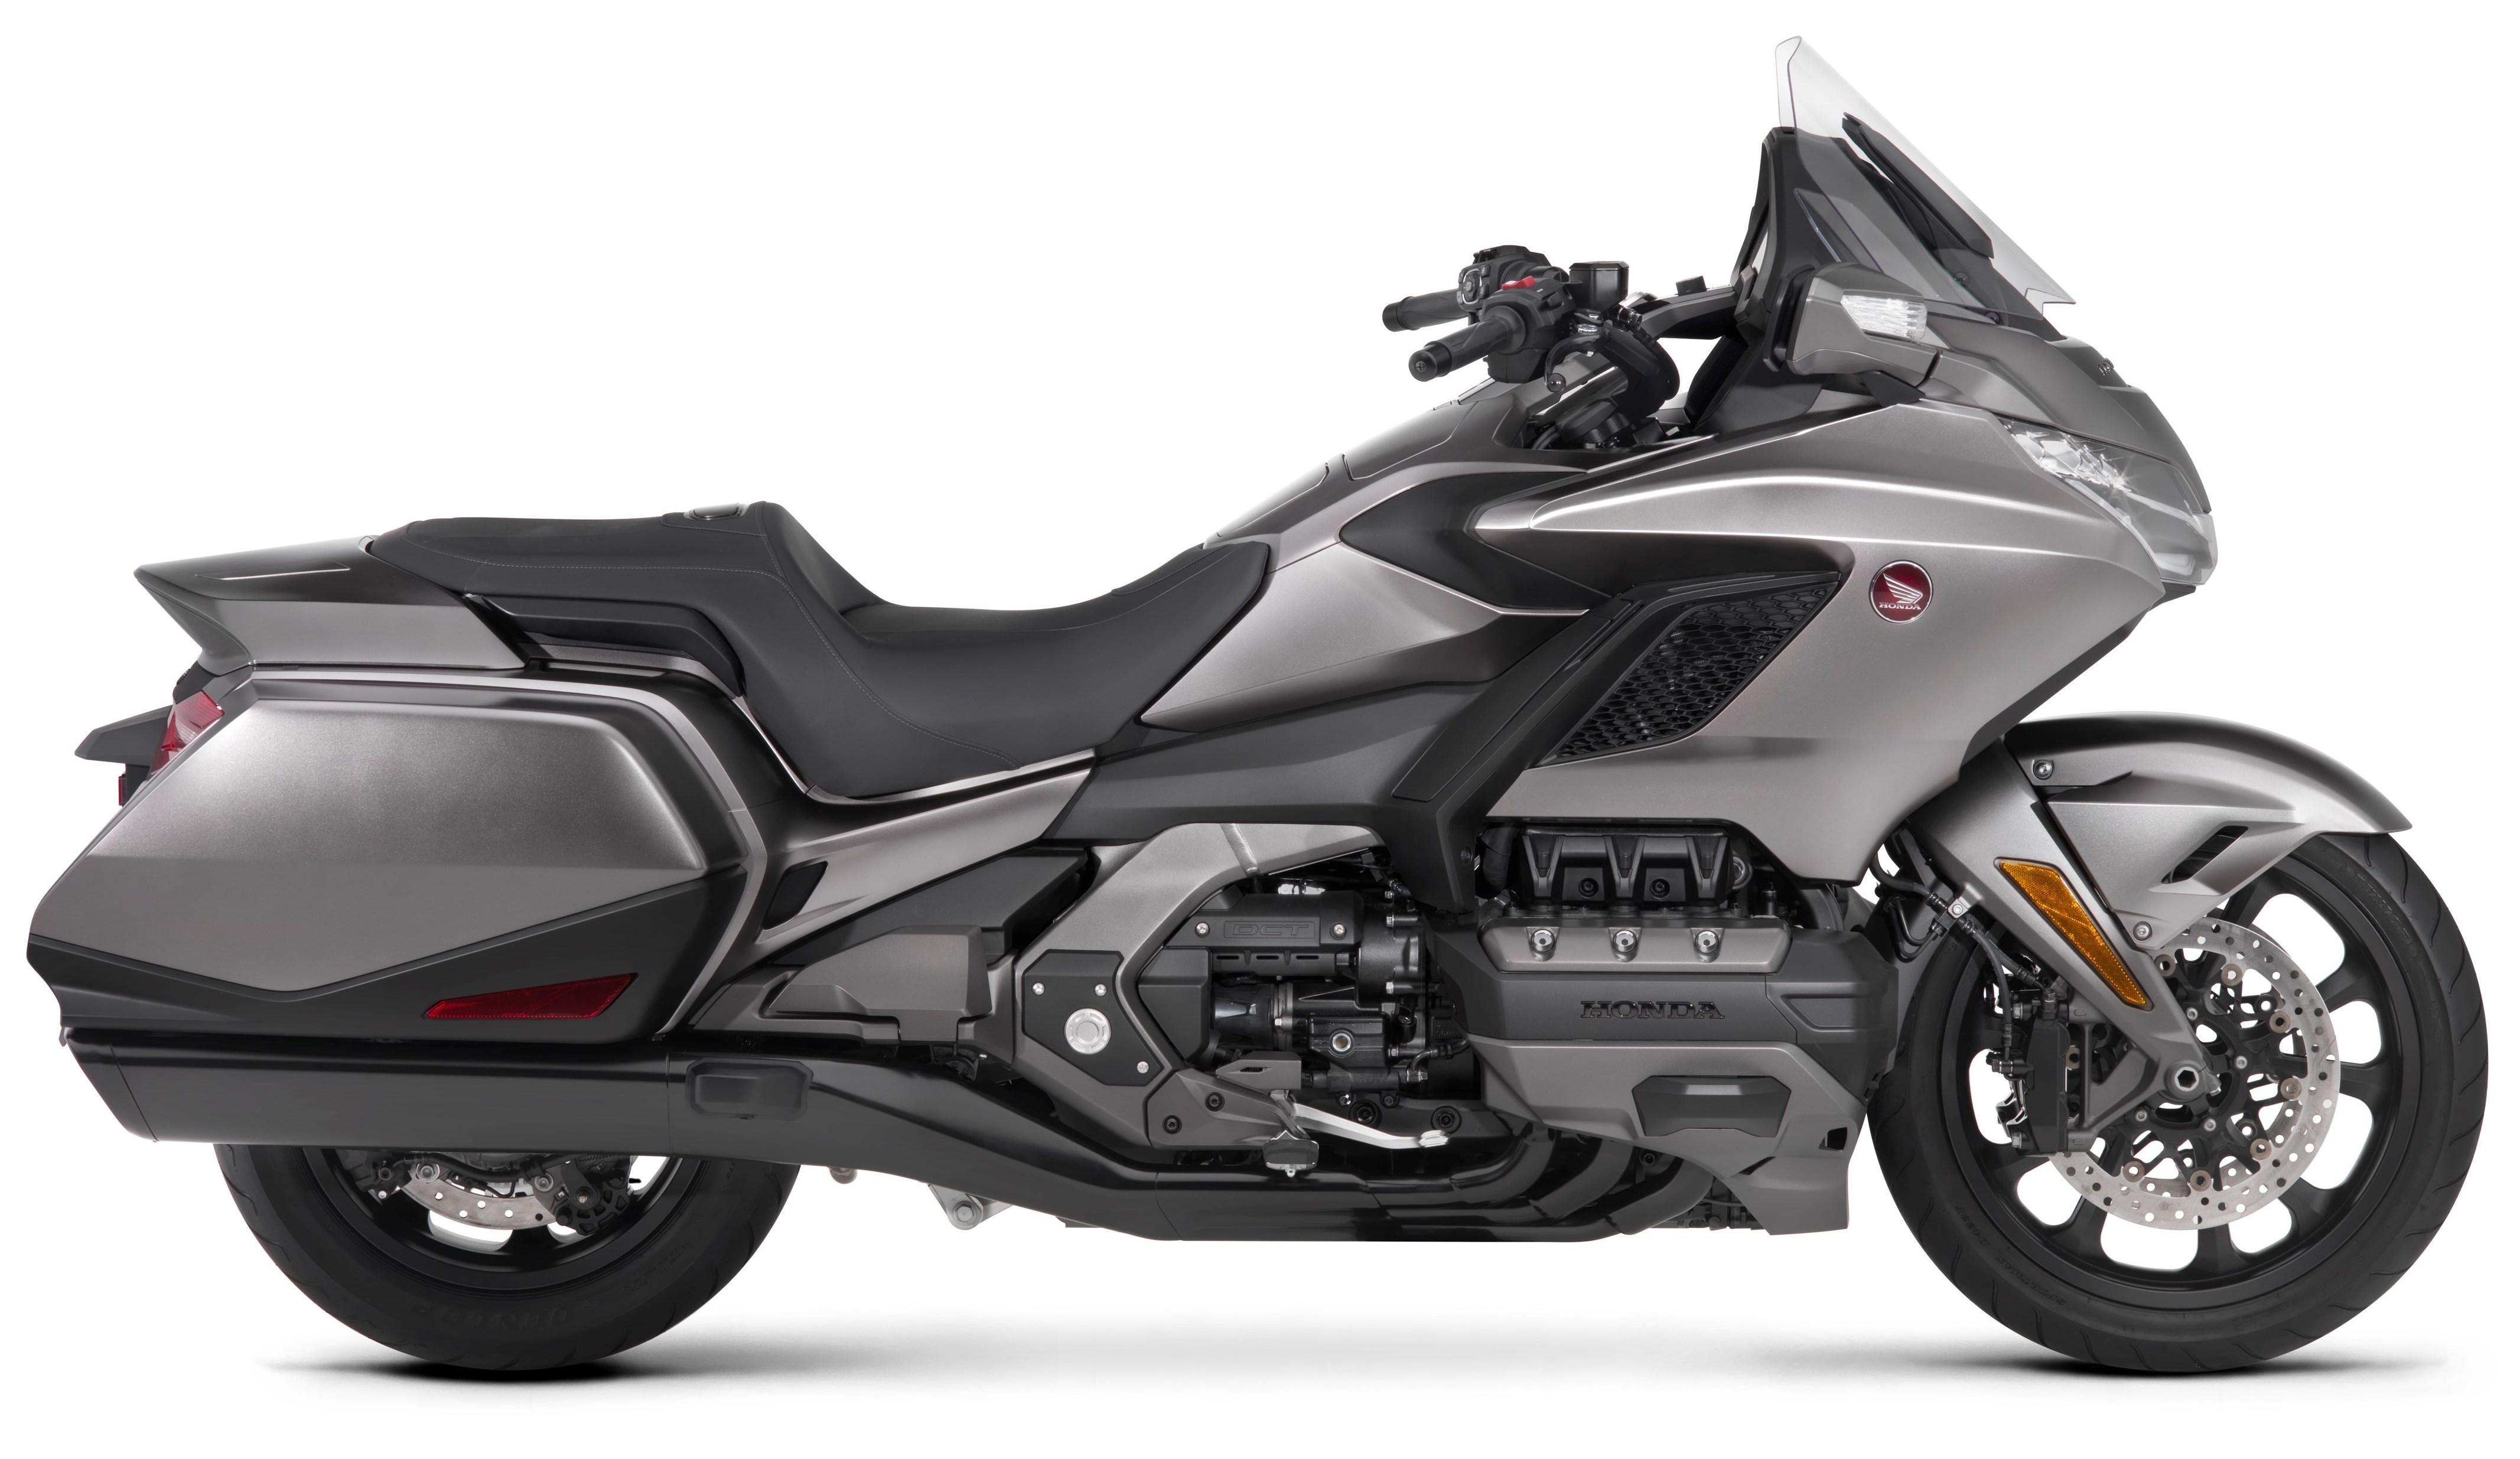 2018 Honda Goldwing revealed – 1,833 cc, RM99.5k Image 727856